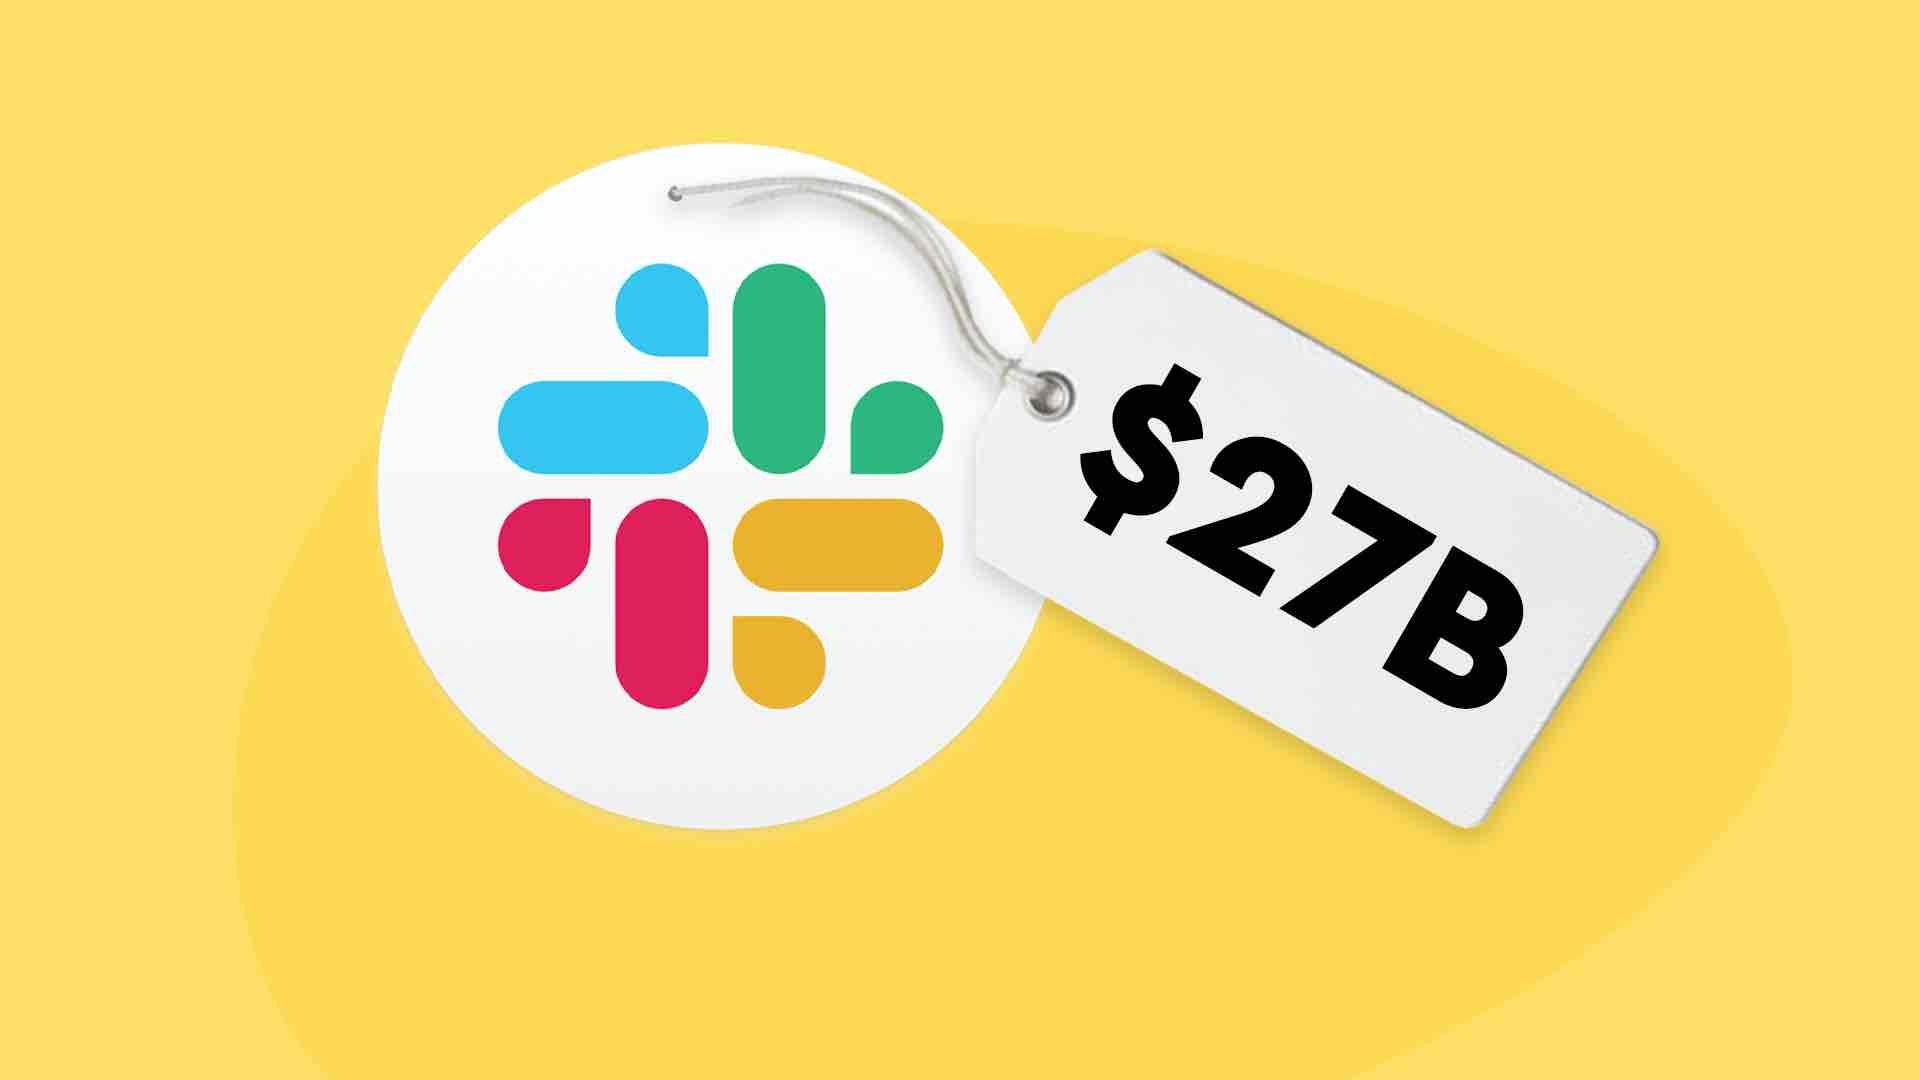 Slack logo with price tag